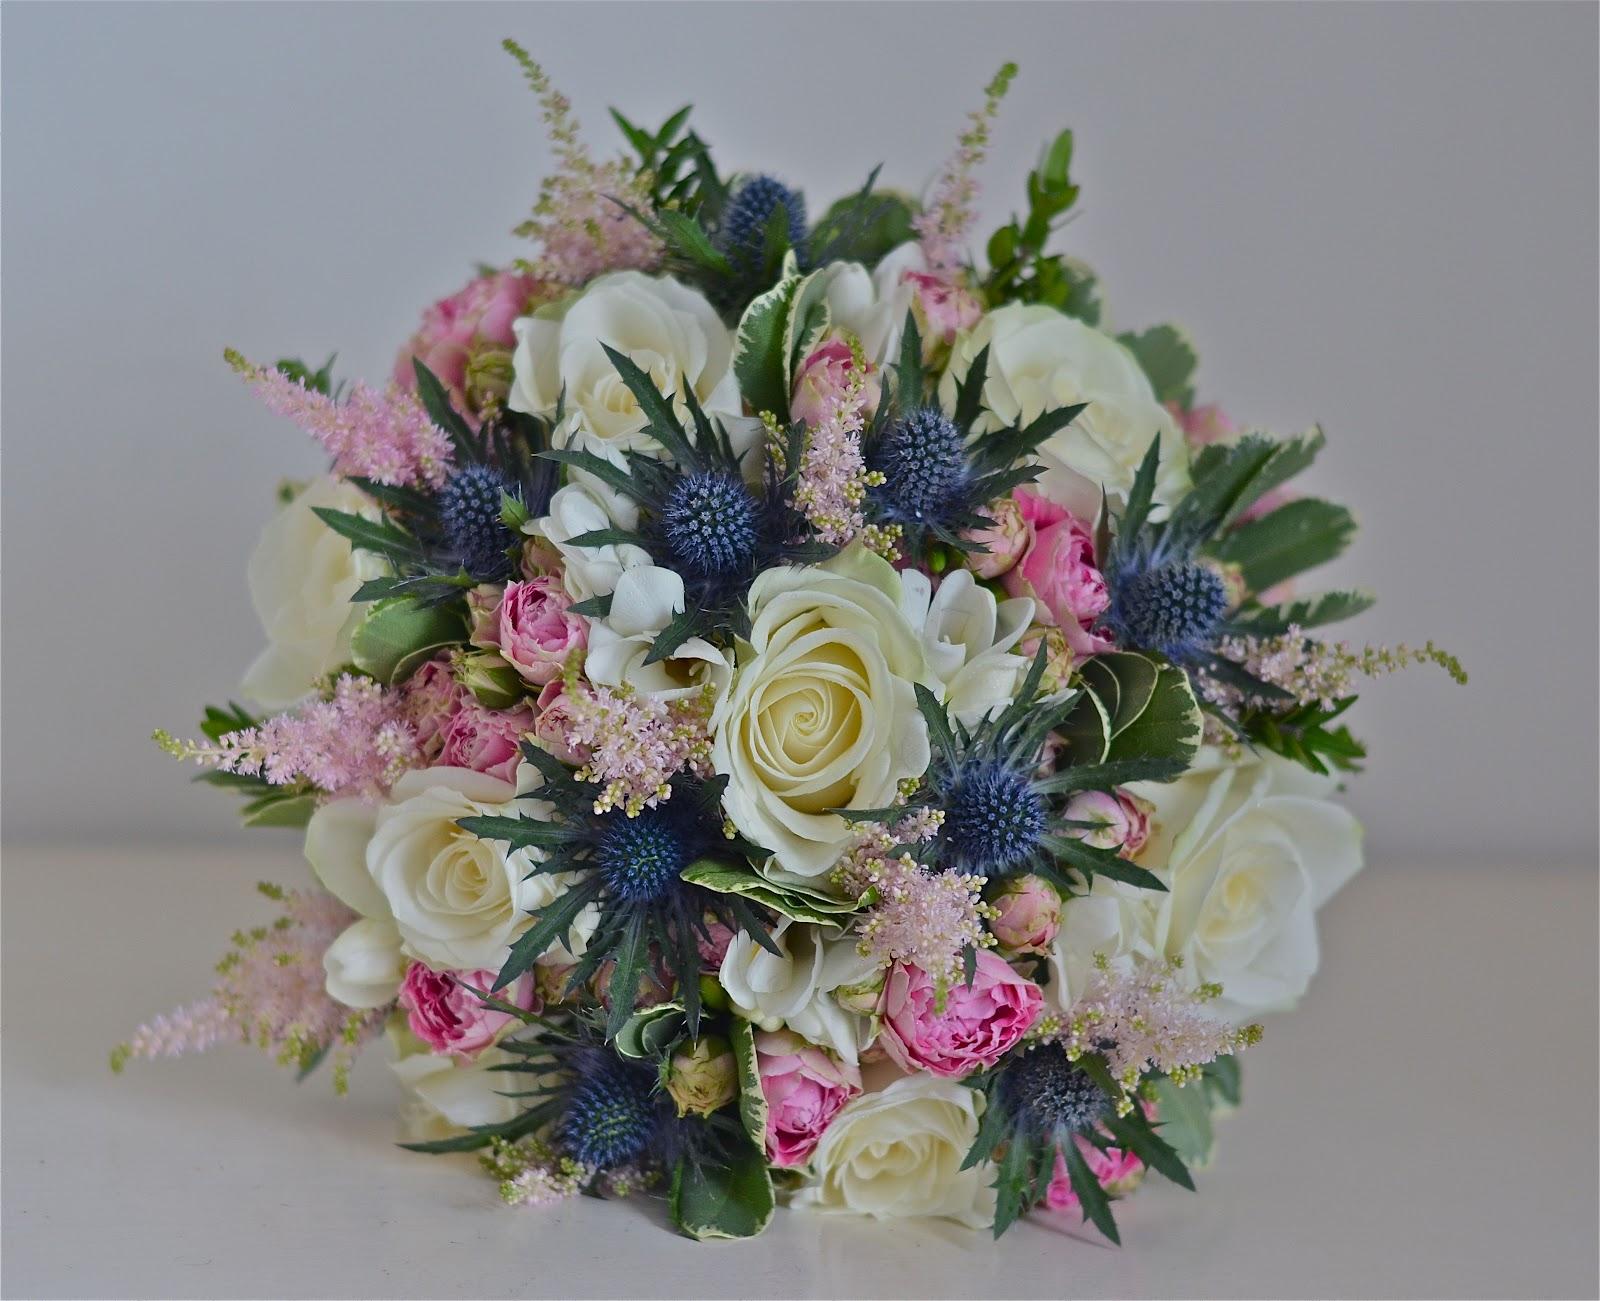 wedding flowers blog june 2012. Black Bedroom Furniture Sets. Home Design Ideas